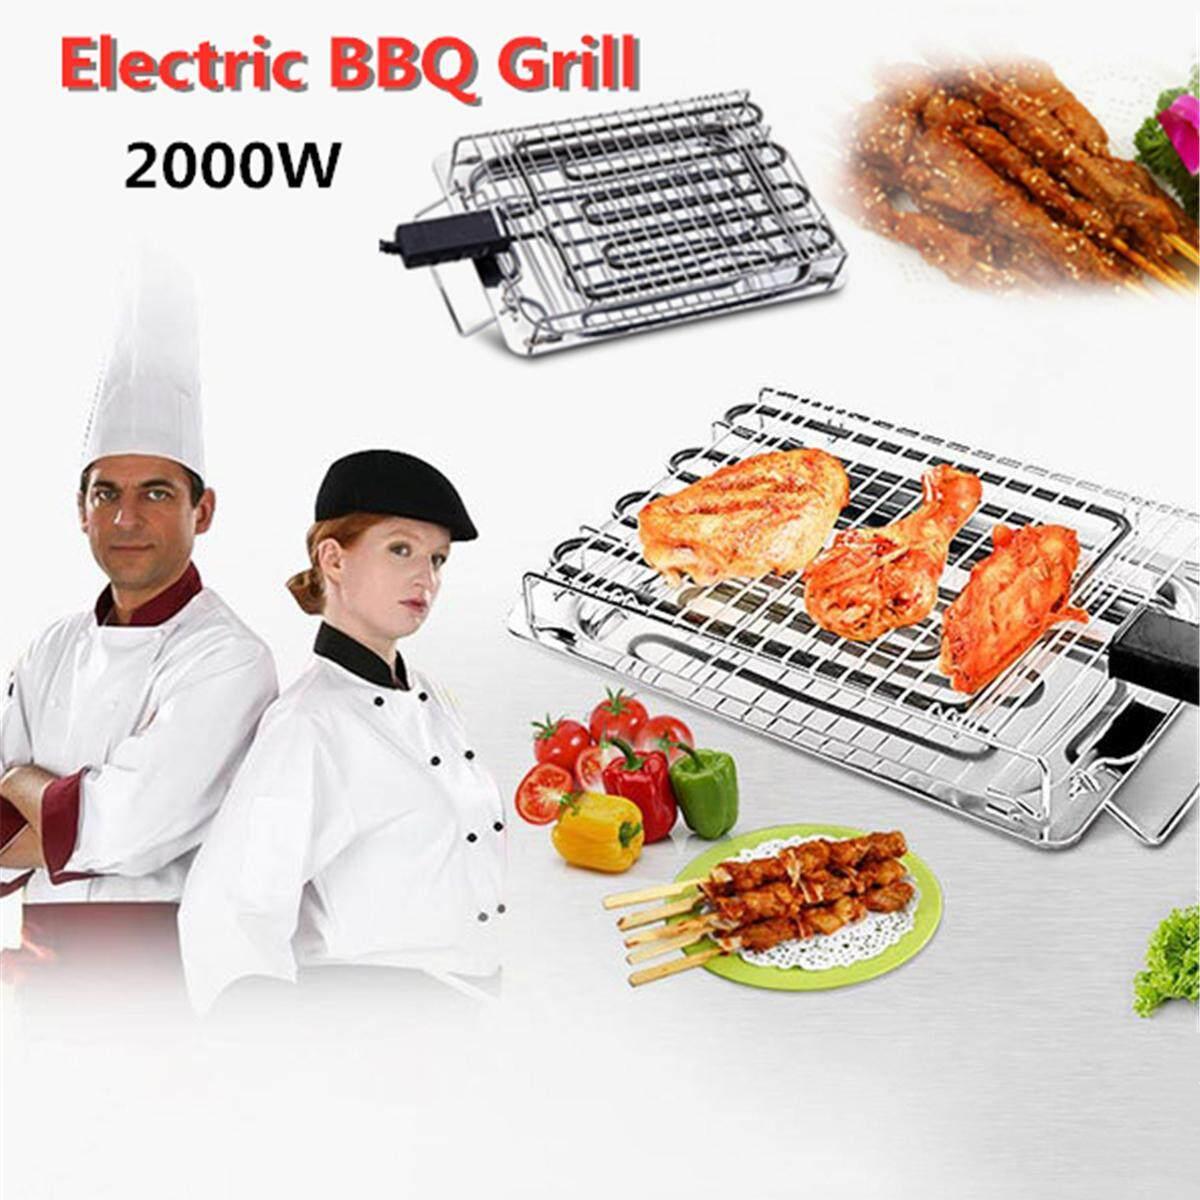 220 V Thép không gỉ Bếp Nướng Điện Không Khói ELECTRIC BARBECUE GRILL Làm Nóng BBQ Nấu Ăn